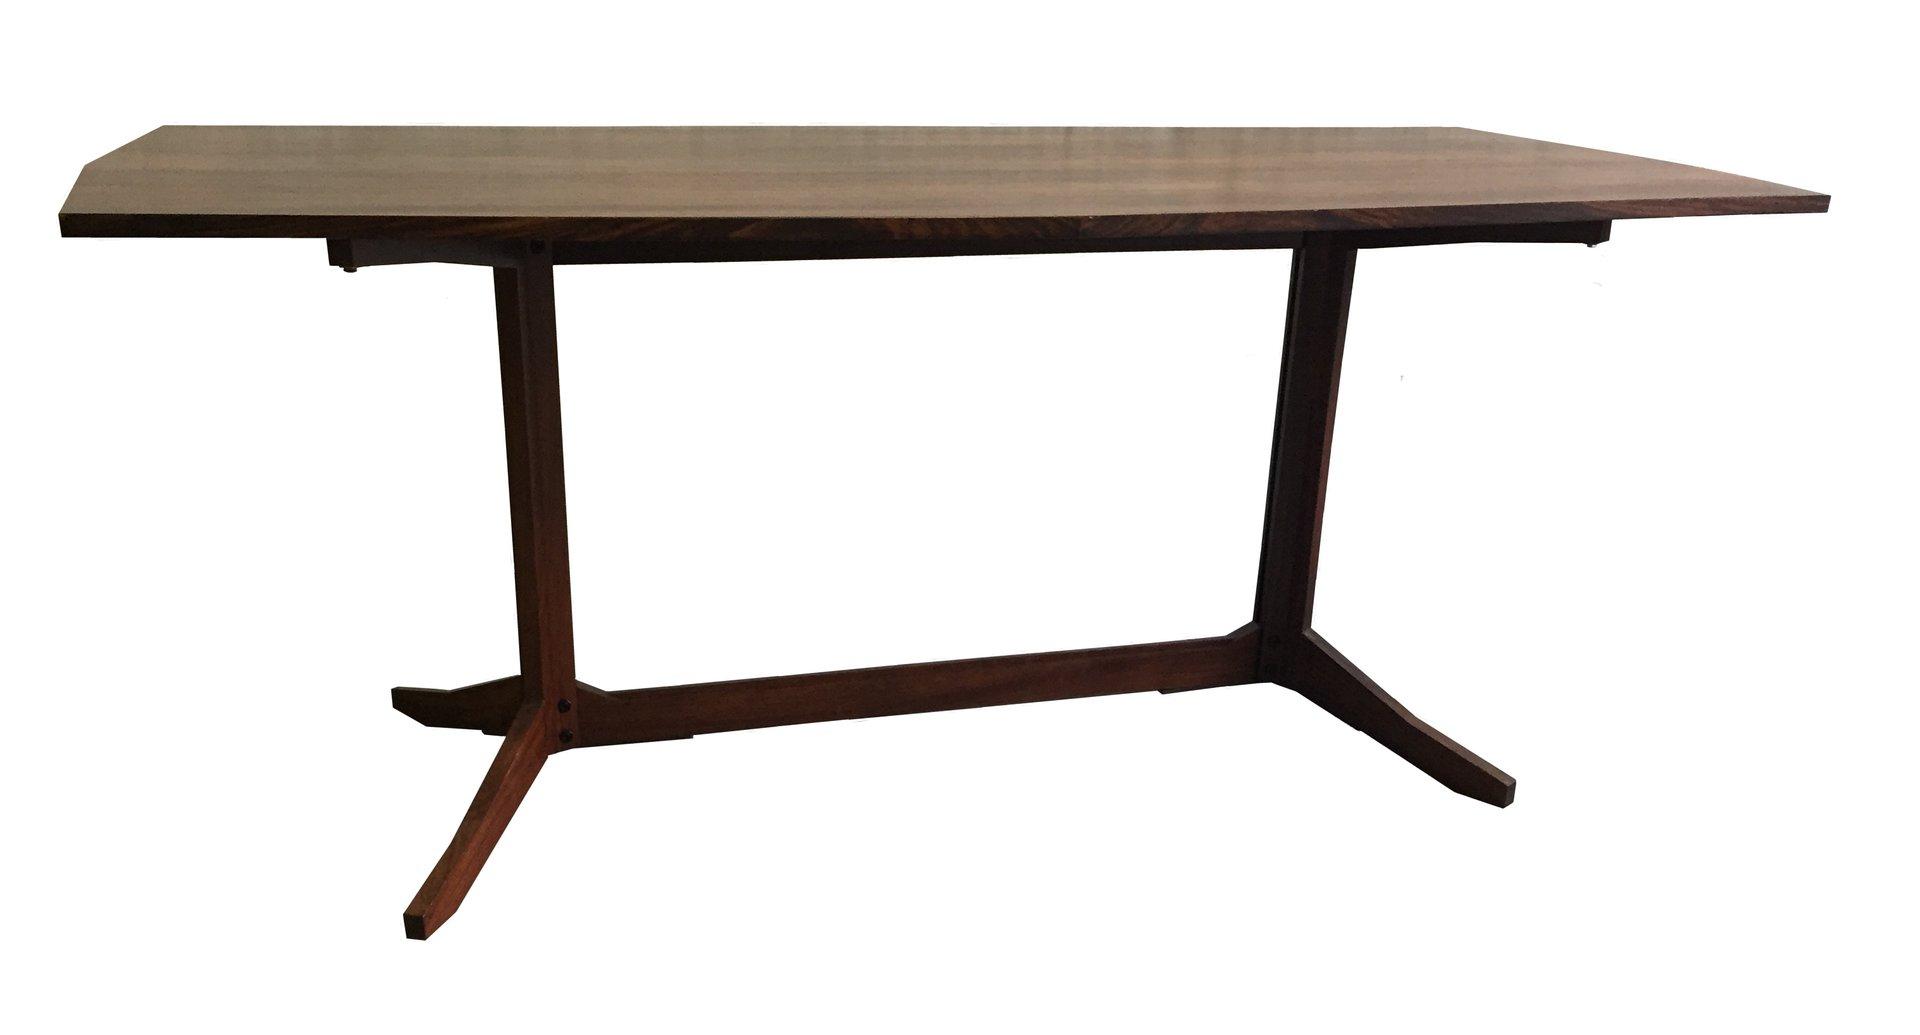 Table de salle manger en bois italie en vente sur pamono - Table a manger en bois ...